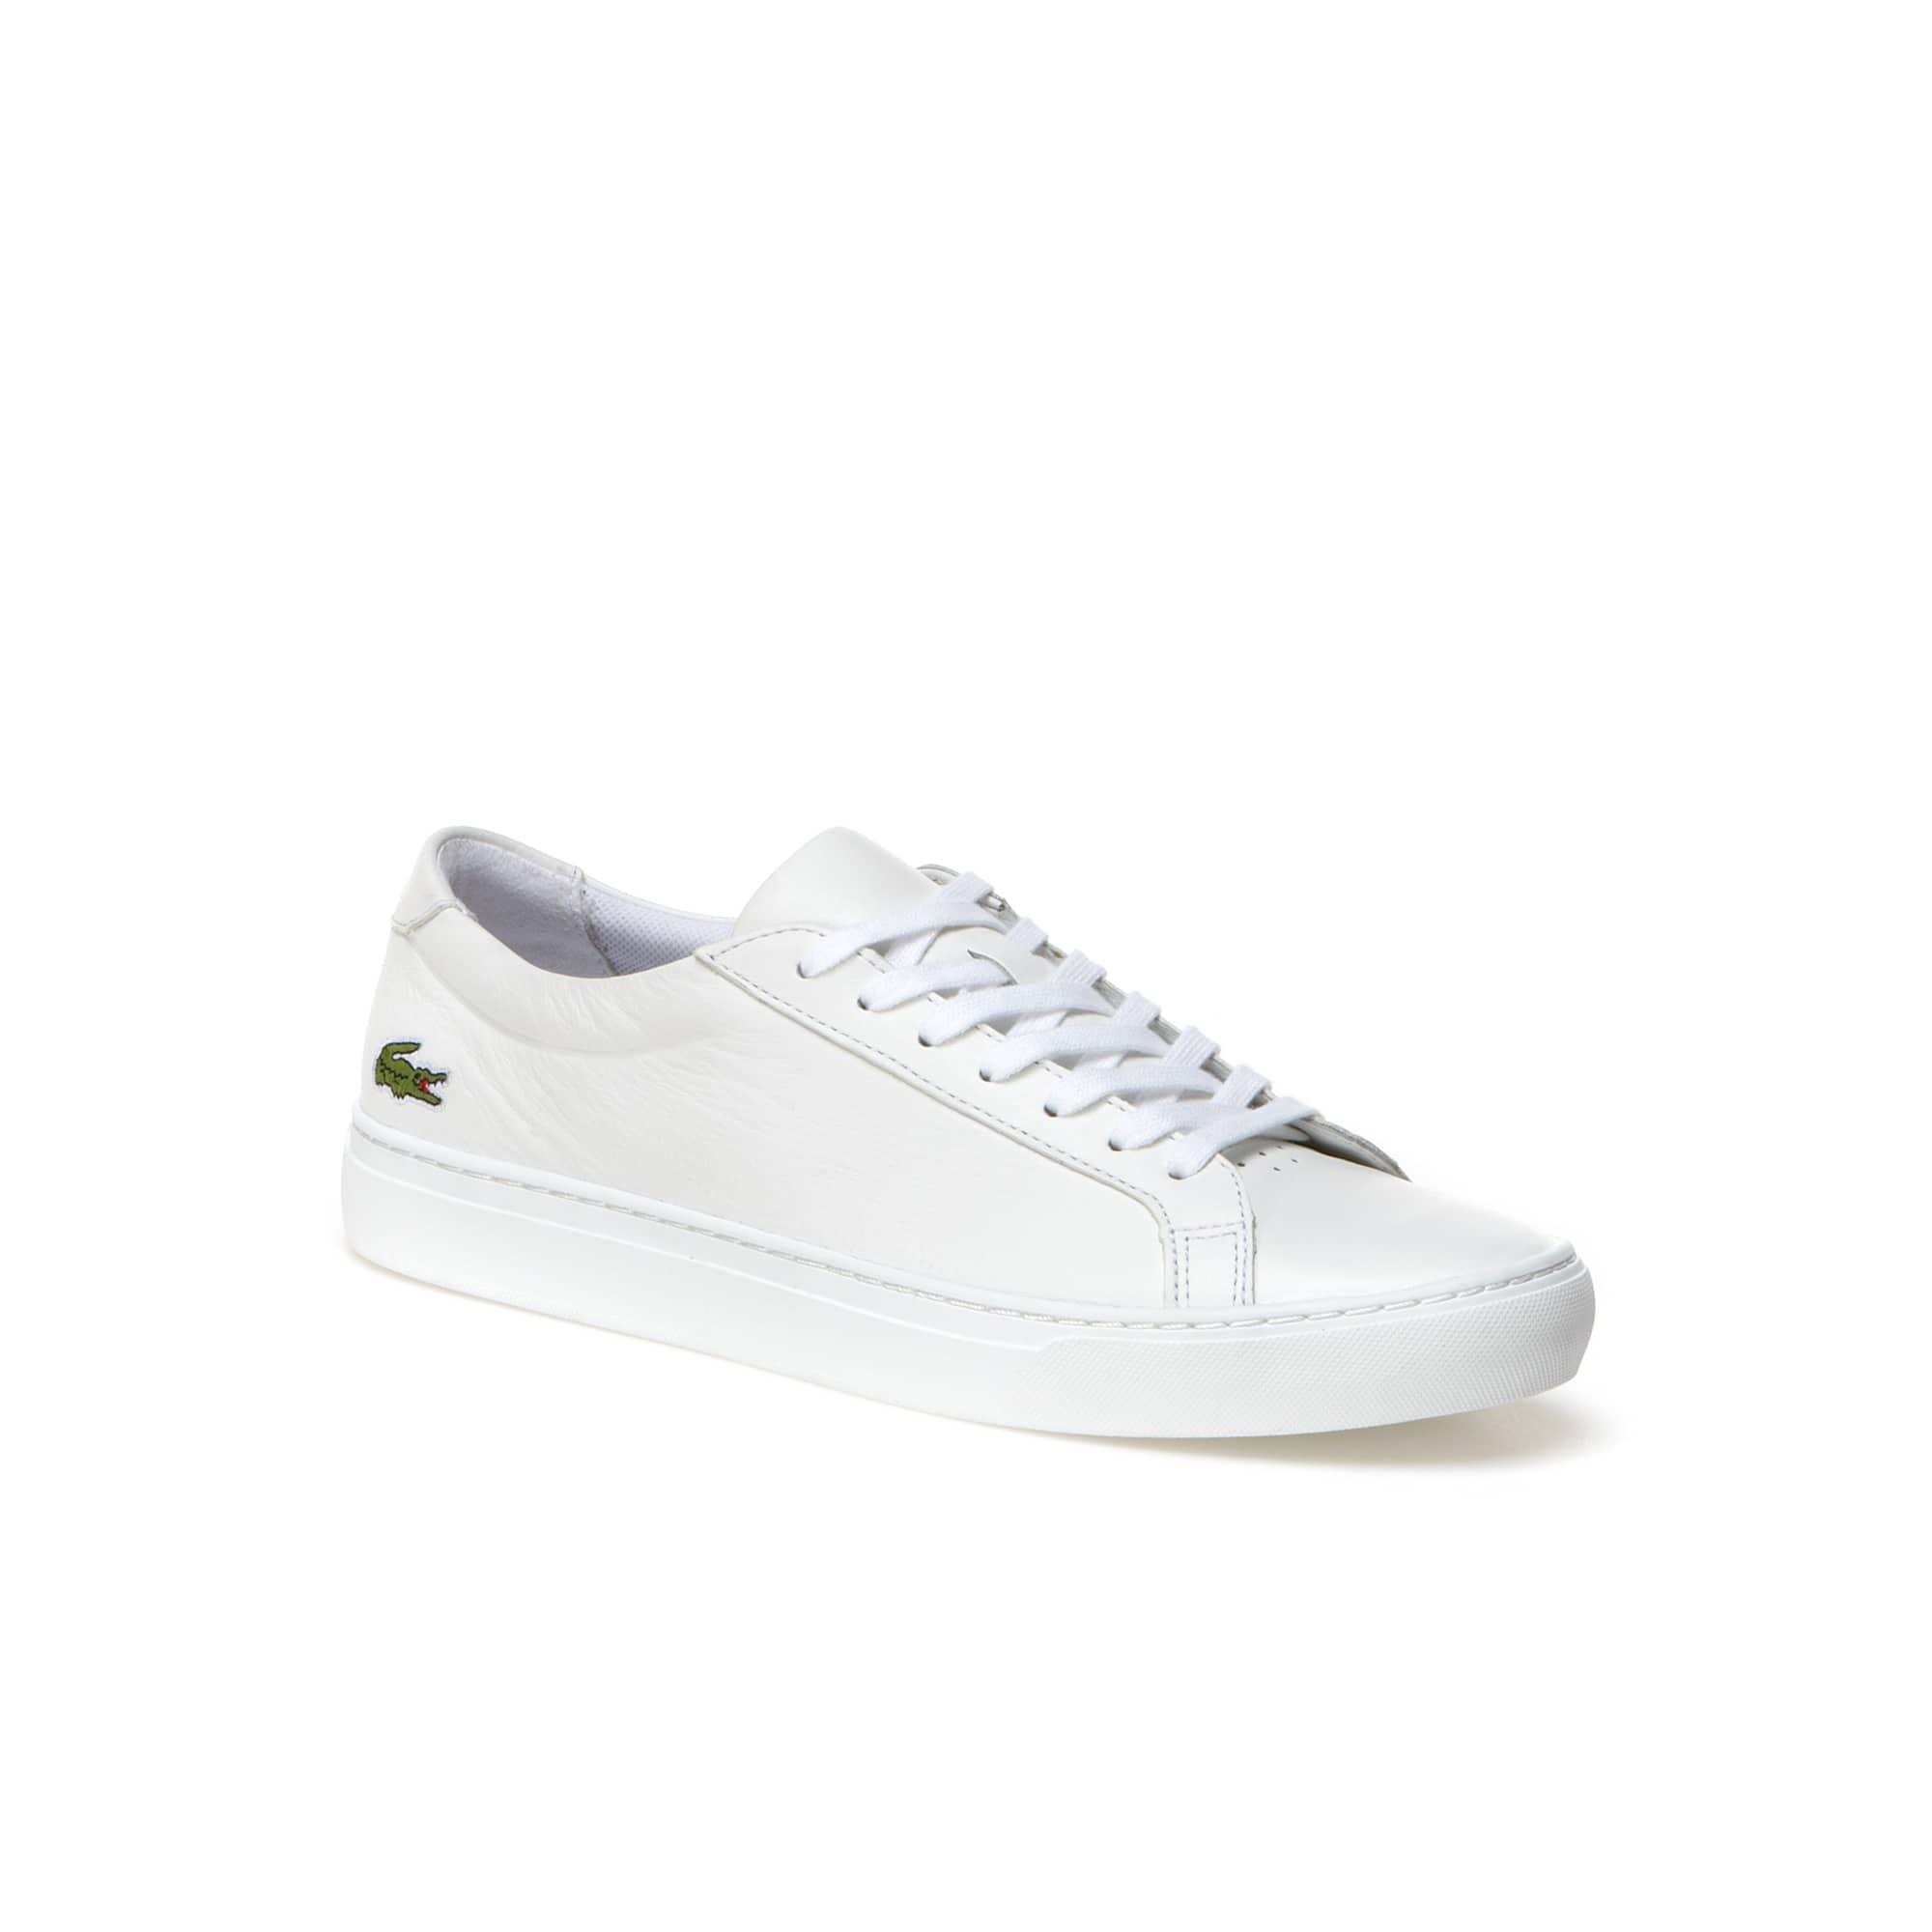 Lacoste L.12.12 - Zapatillas - white Sneakernews Vente En Ligne Style De Mode Pas Cher Moins Cher Dernières Collections En Ligne Pas Cher Nouvelle Arrivee skC9QOtp